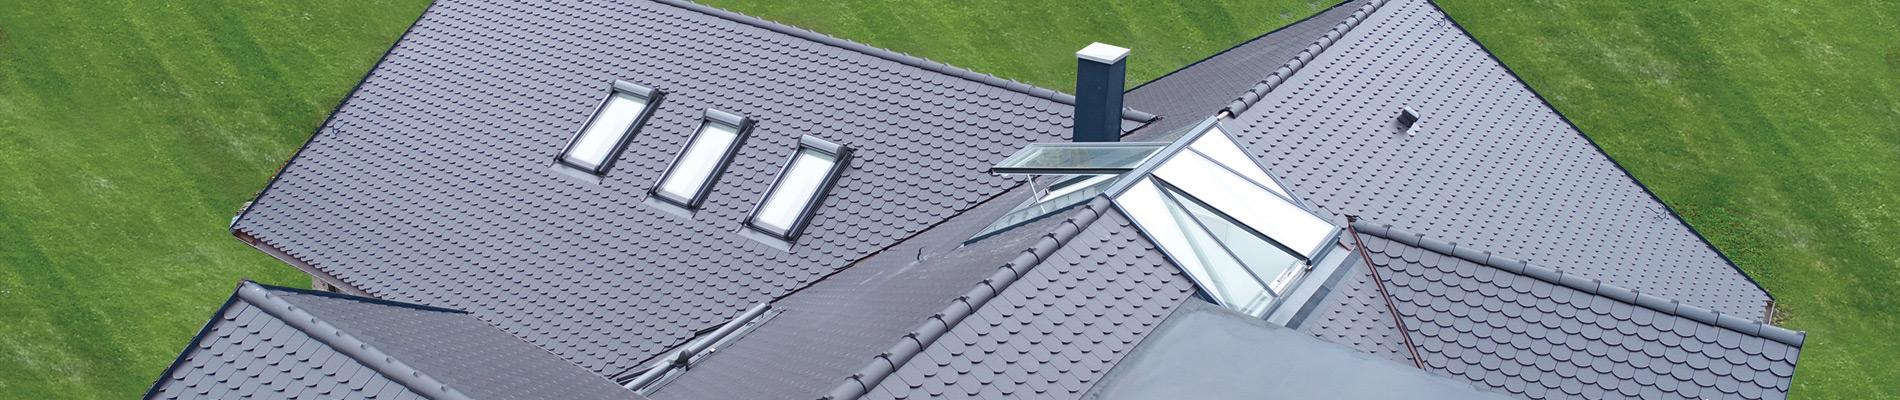 Modulare Tageslichtlösungen für Steildächer